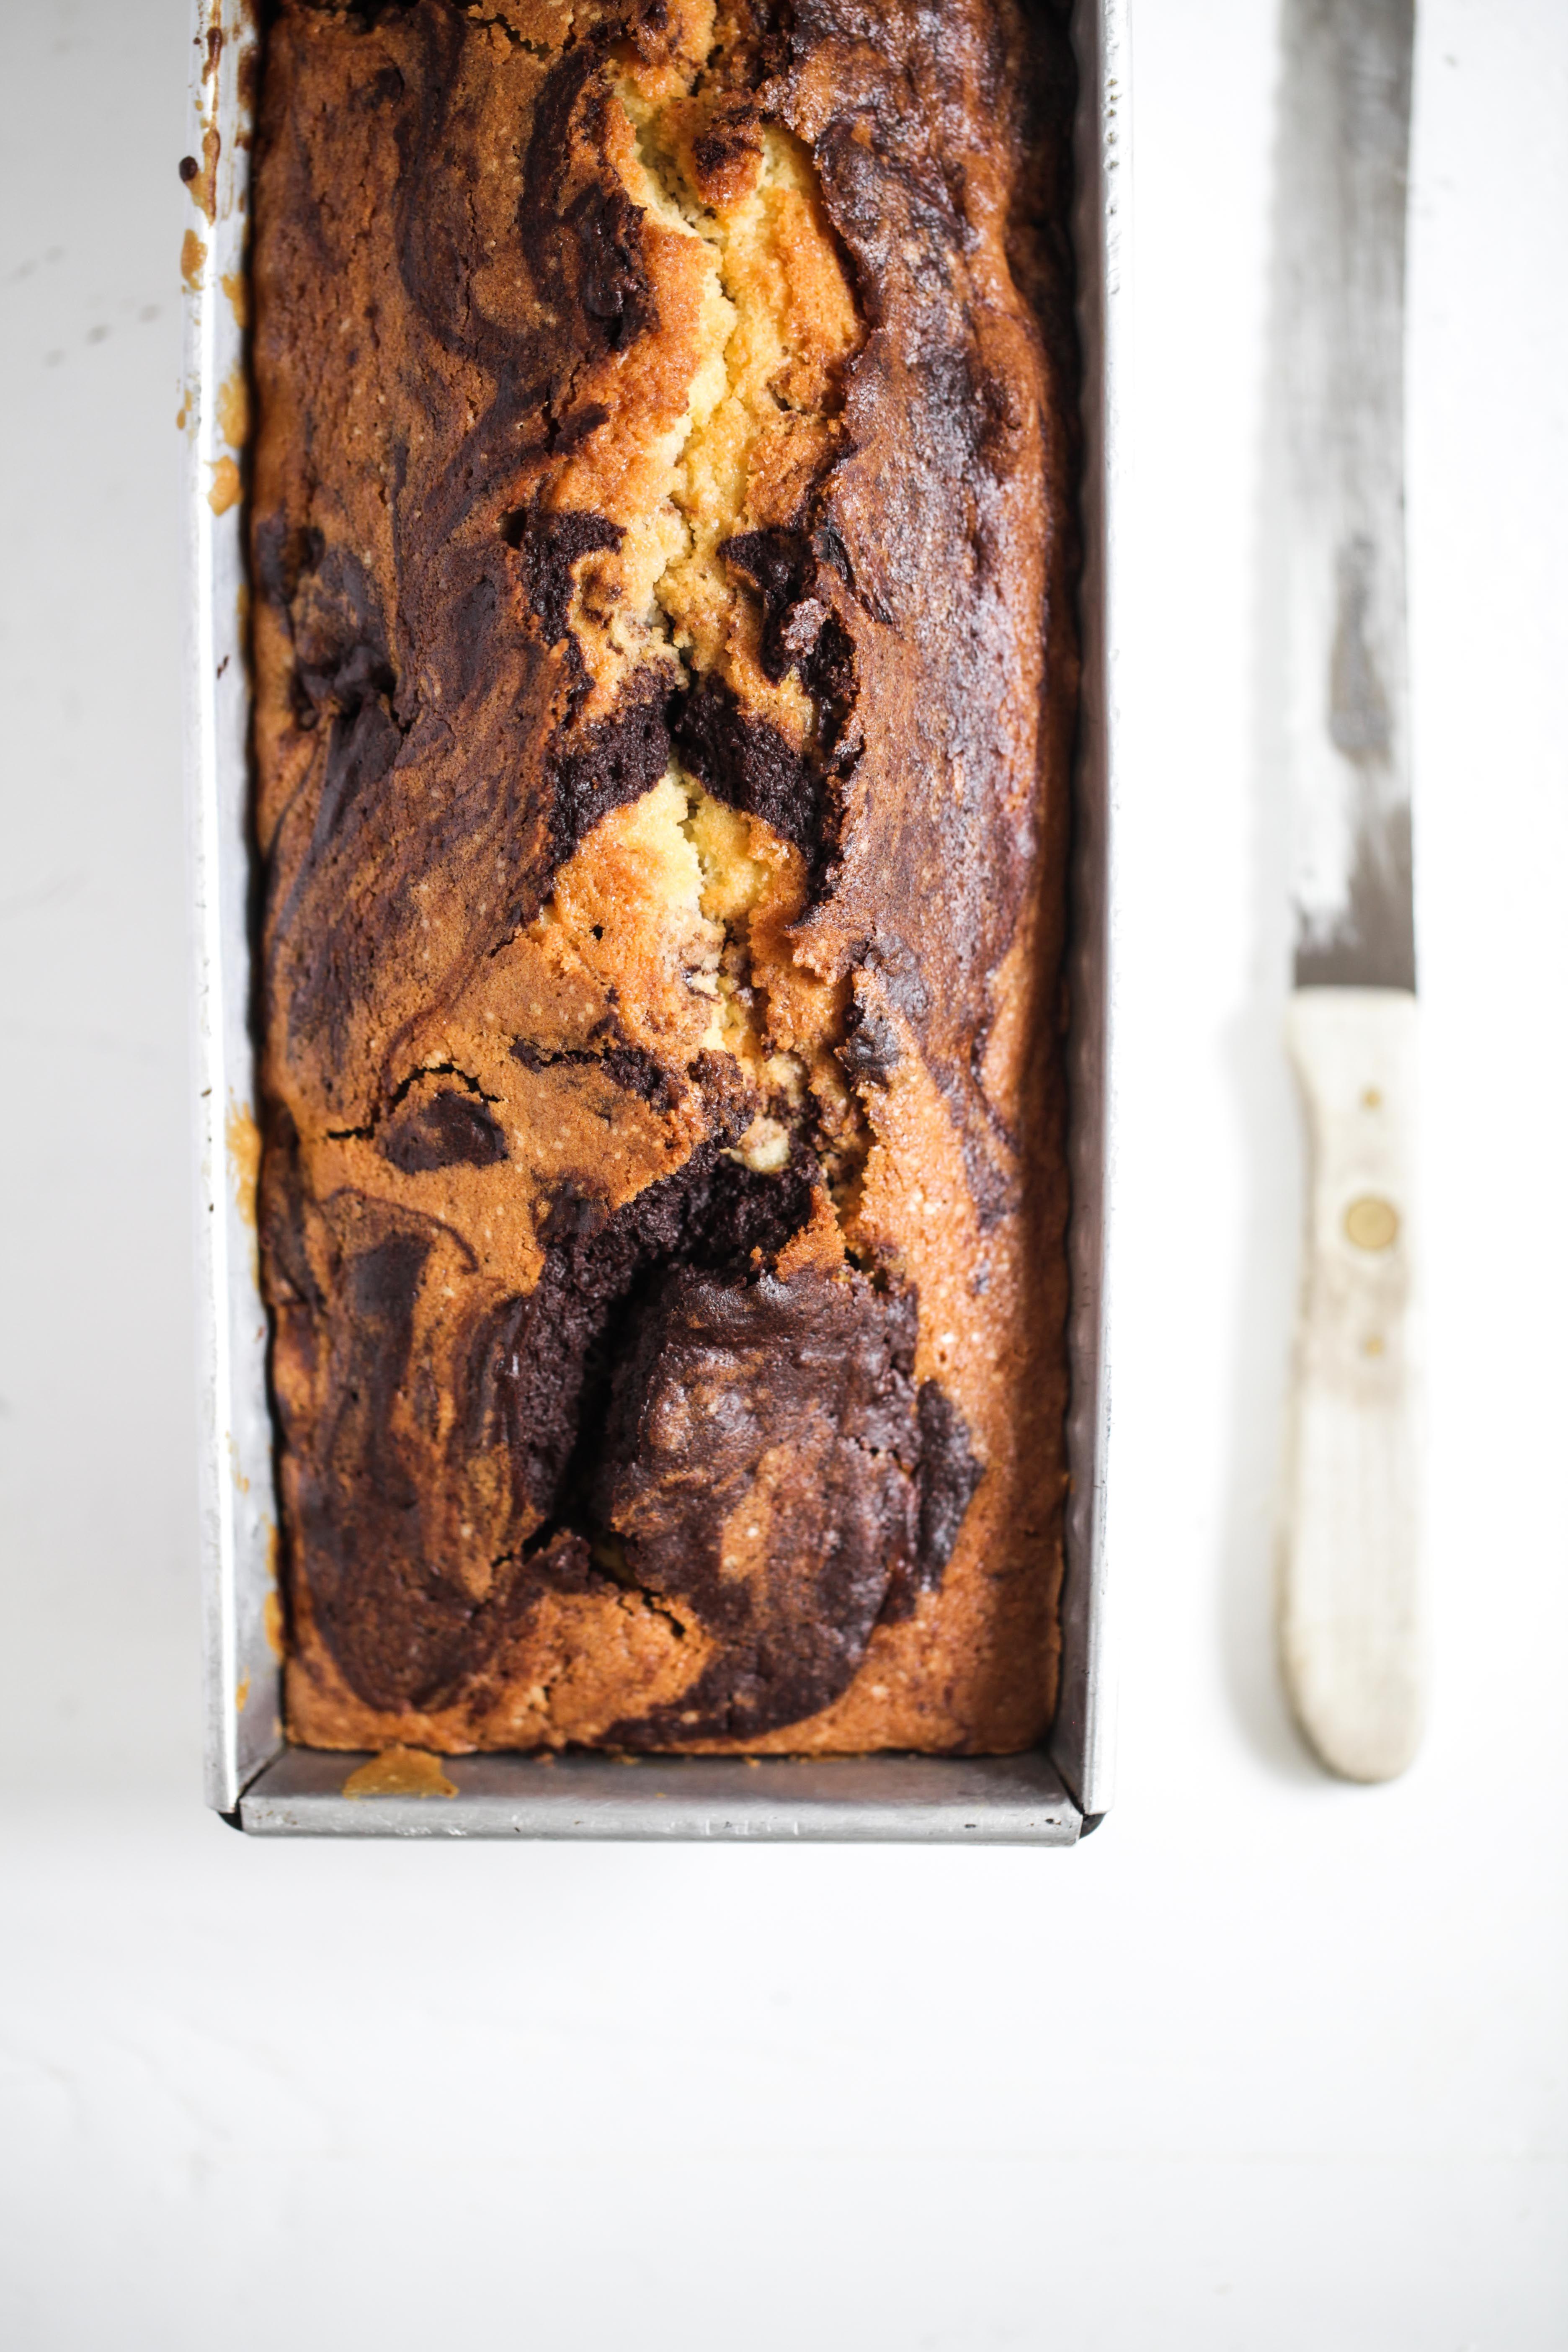 Zuckerzimtundliebe Rezept Rote Grütze Marmorkuchen Kirschgrütze Backrezept Kastenkuchen Kastenform Sandkuchen saftiges Kuchenrezept